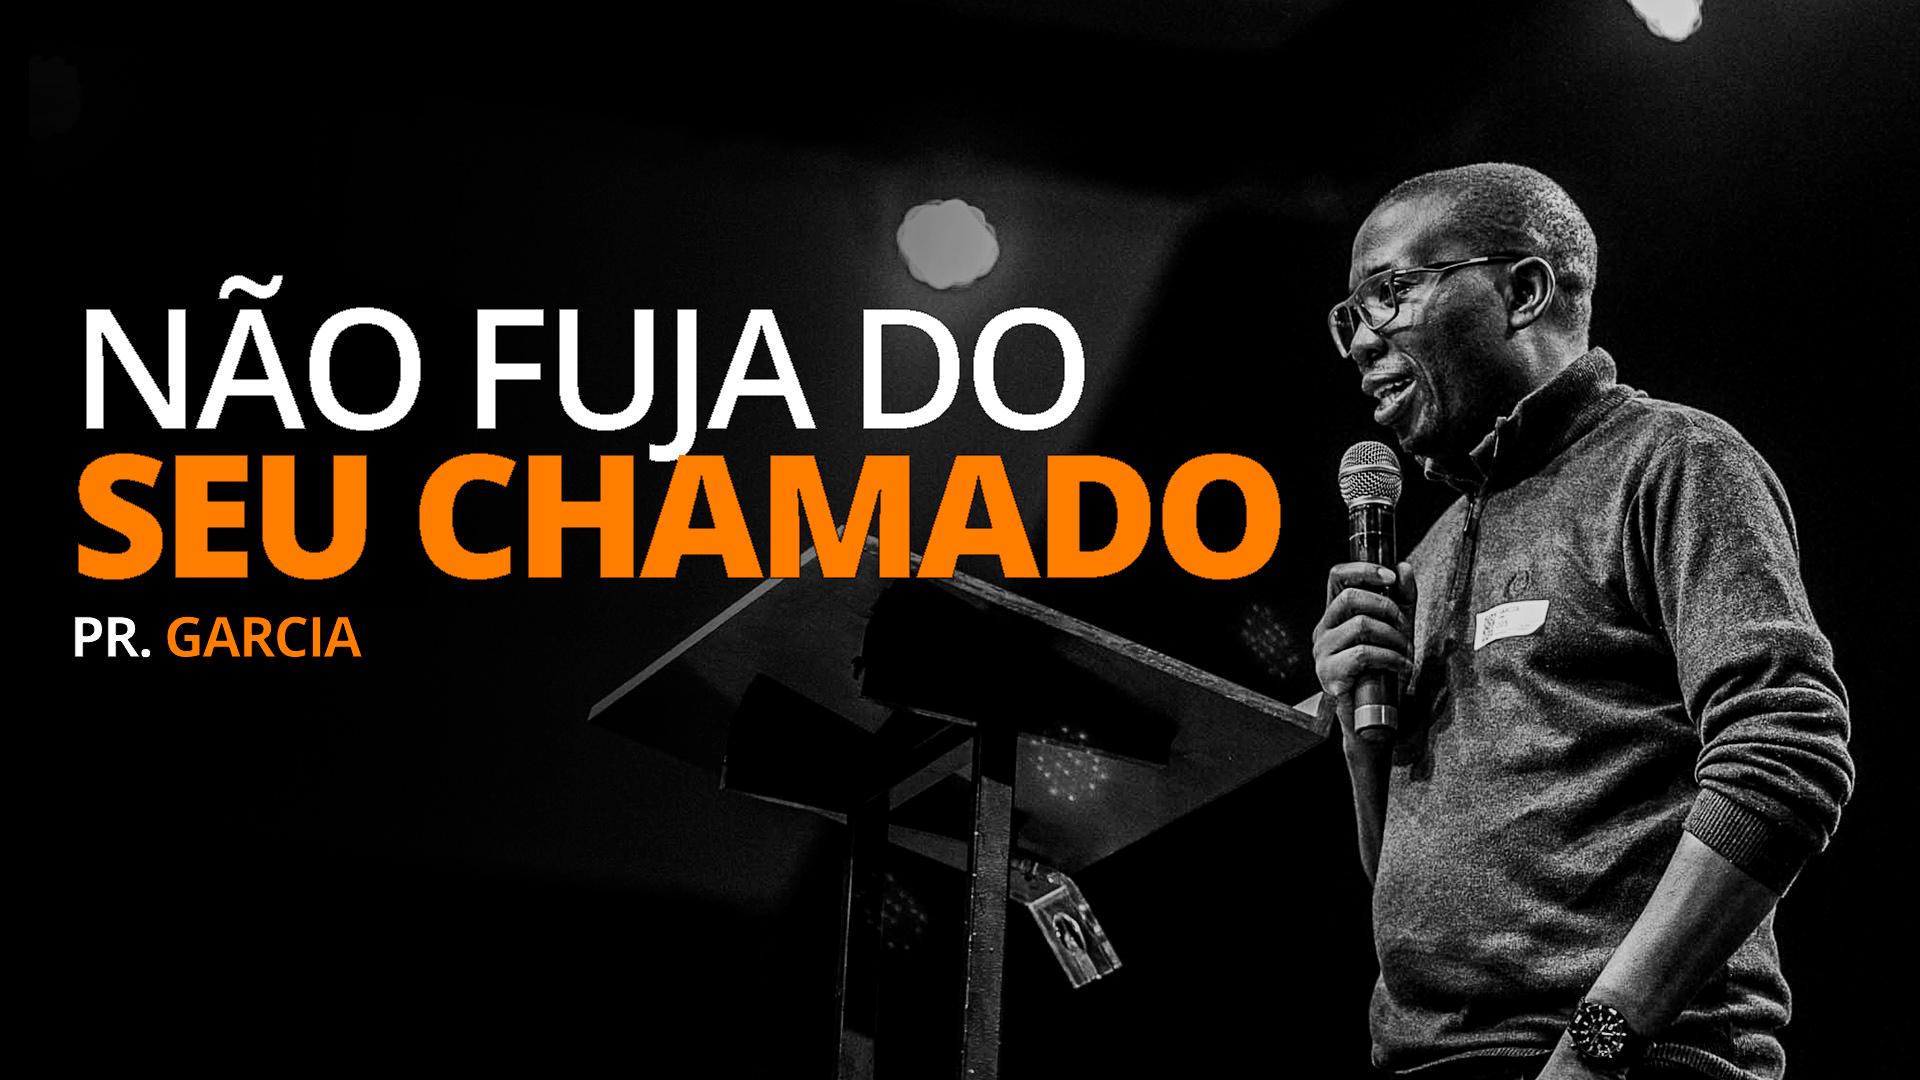 NUNCA FUJA DO SEU CHAMADO